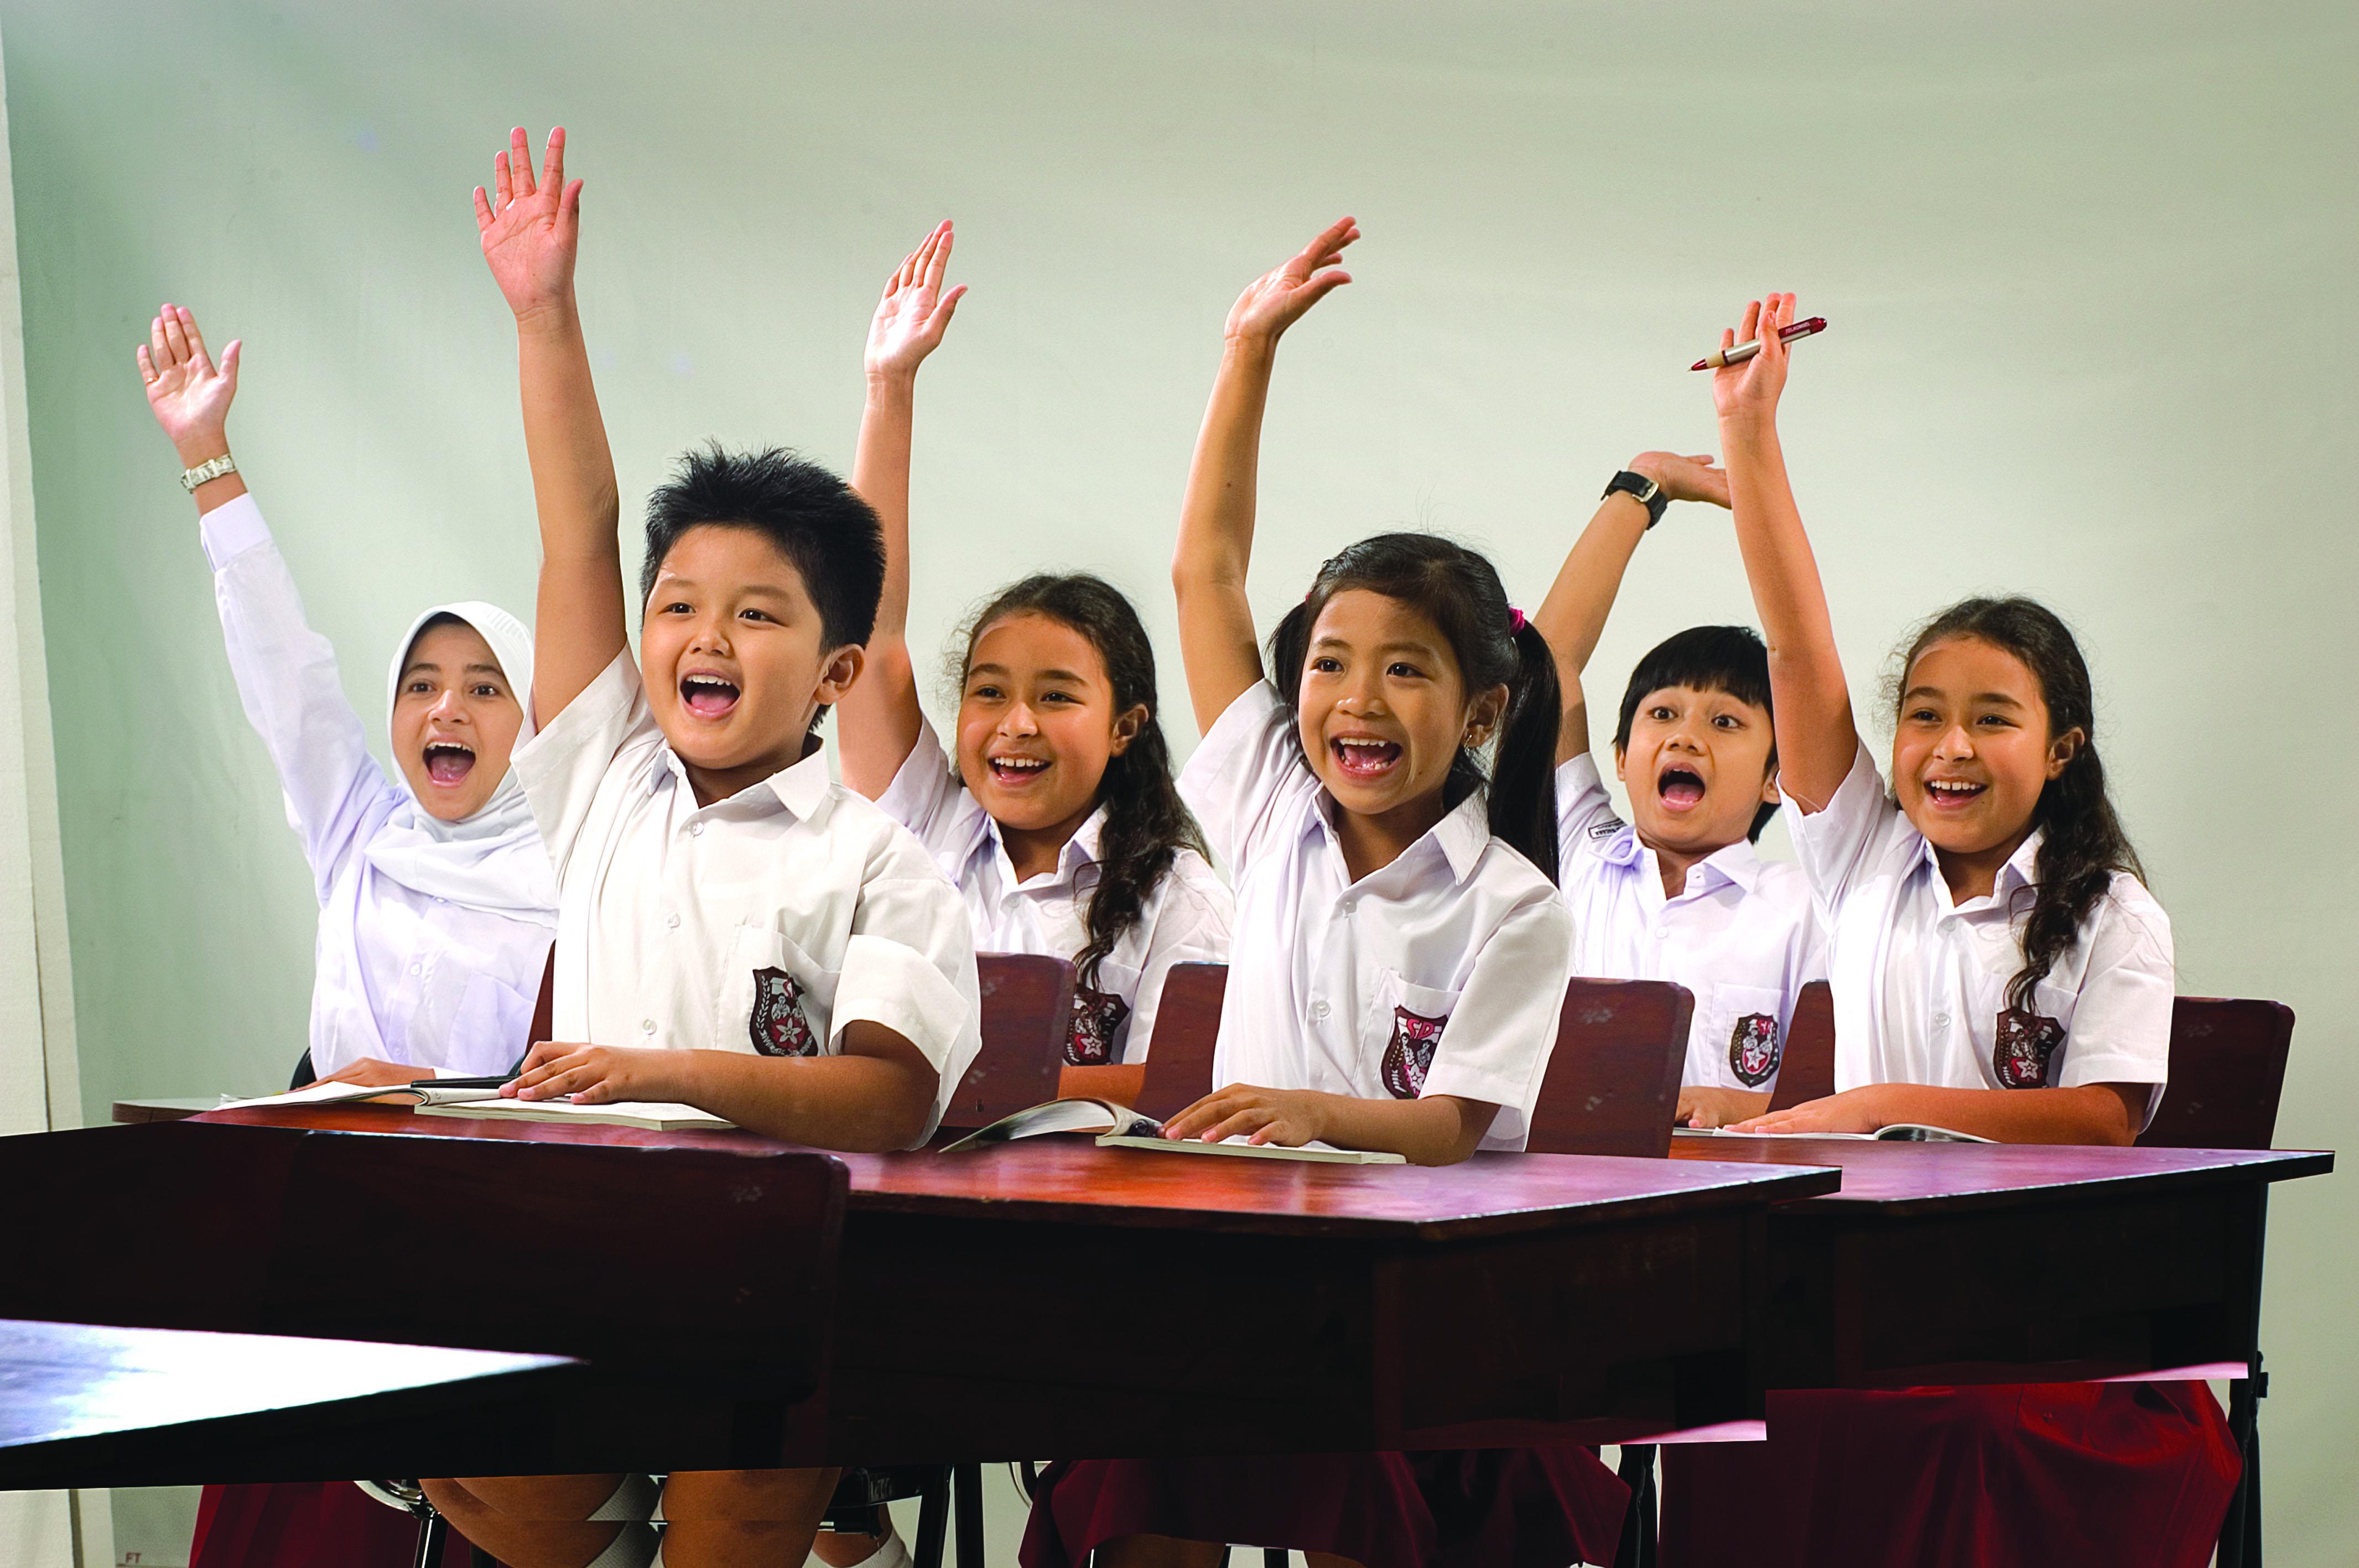 Sekolah Indonesia Akan Libur Hari Sabtu, Bagaimana dengan Negara Lain?